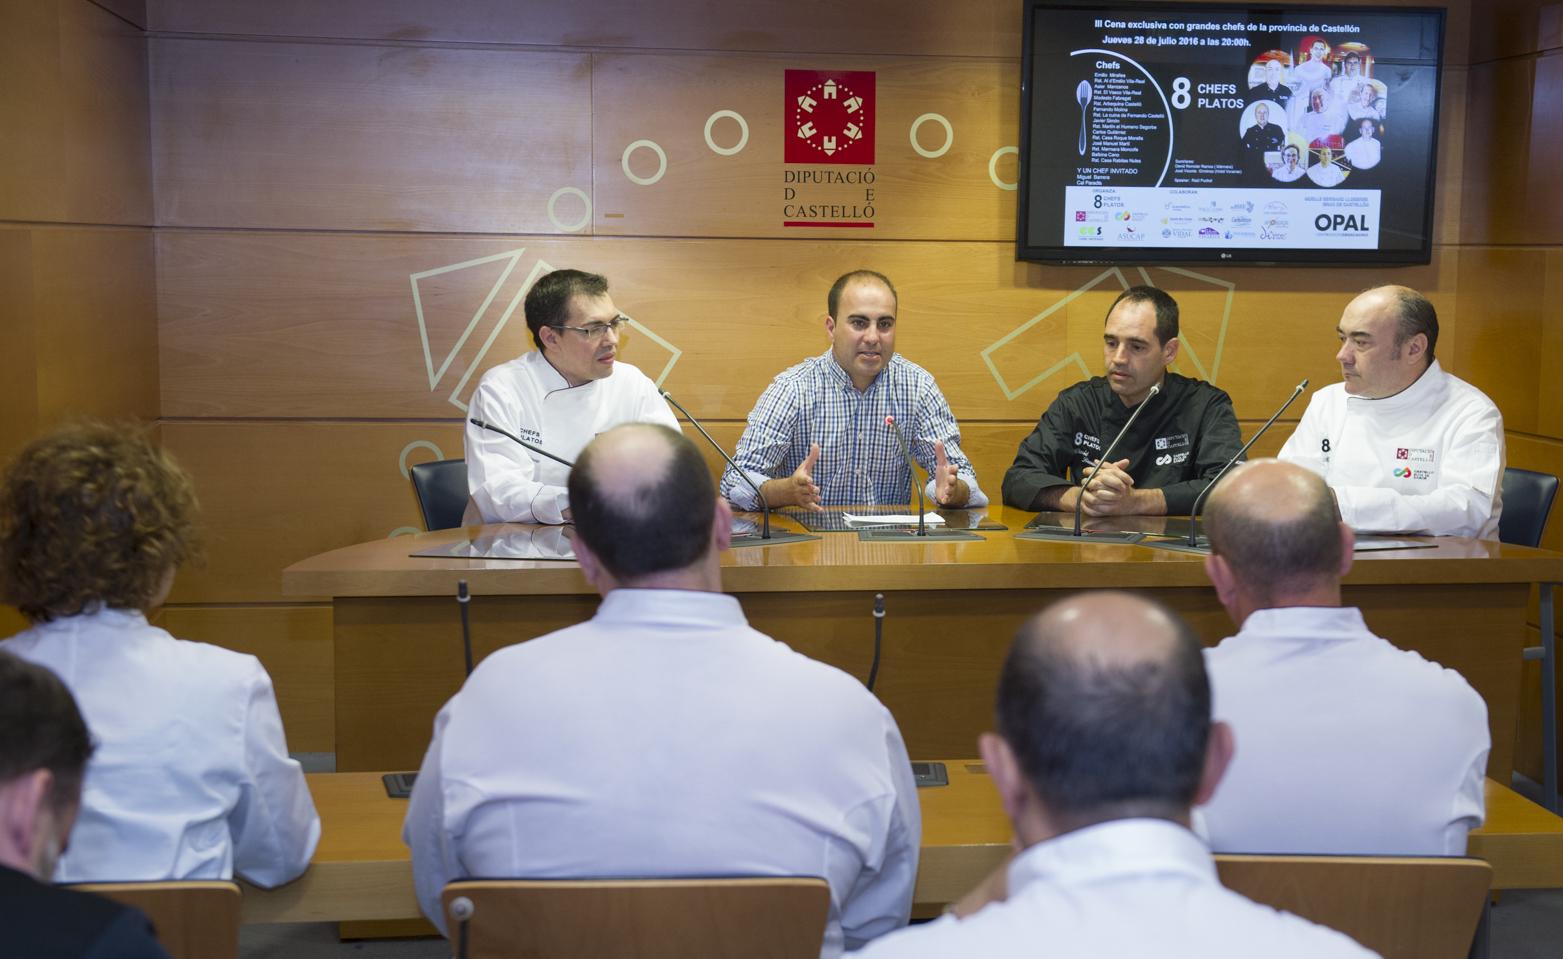 La Diputación une la calidad de Castelló Ruta de Sabor al talento de los mejores chefs castellonenses en '8 platos 8 chefs'